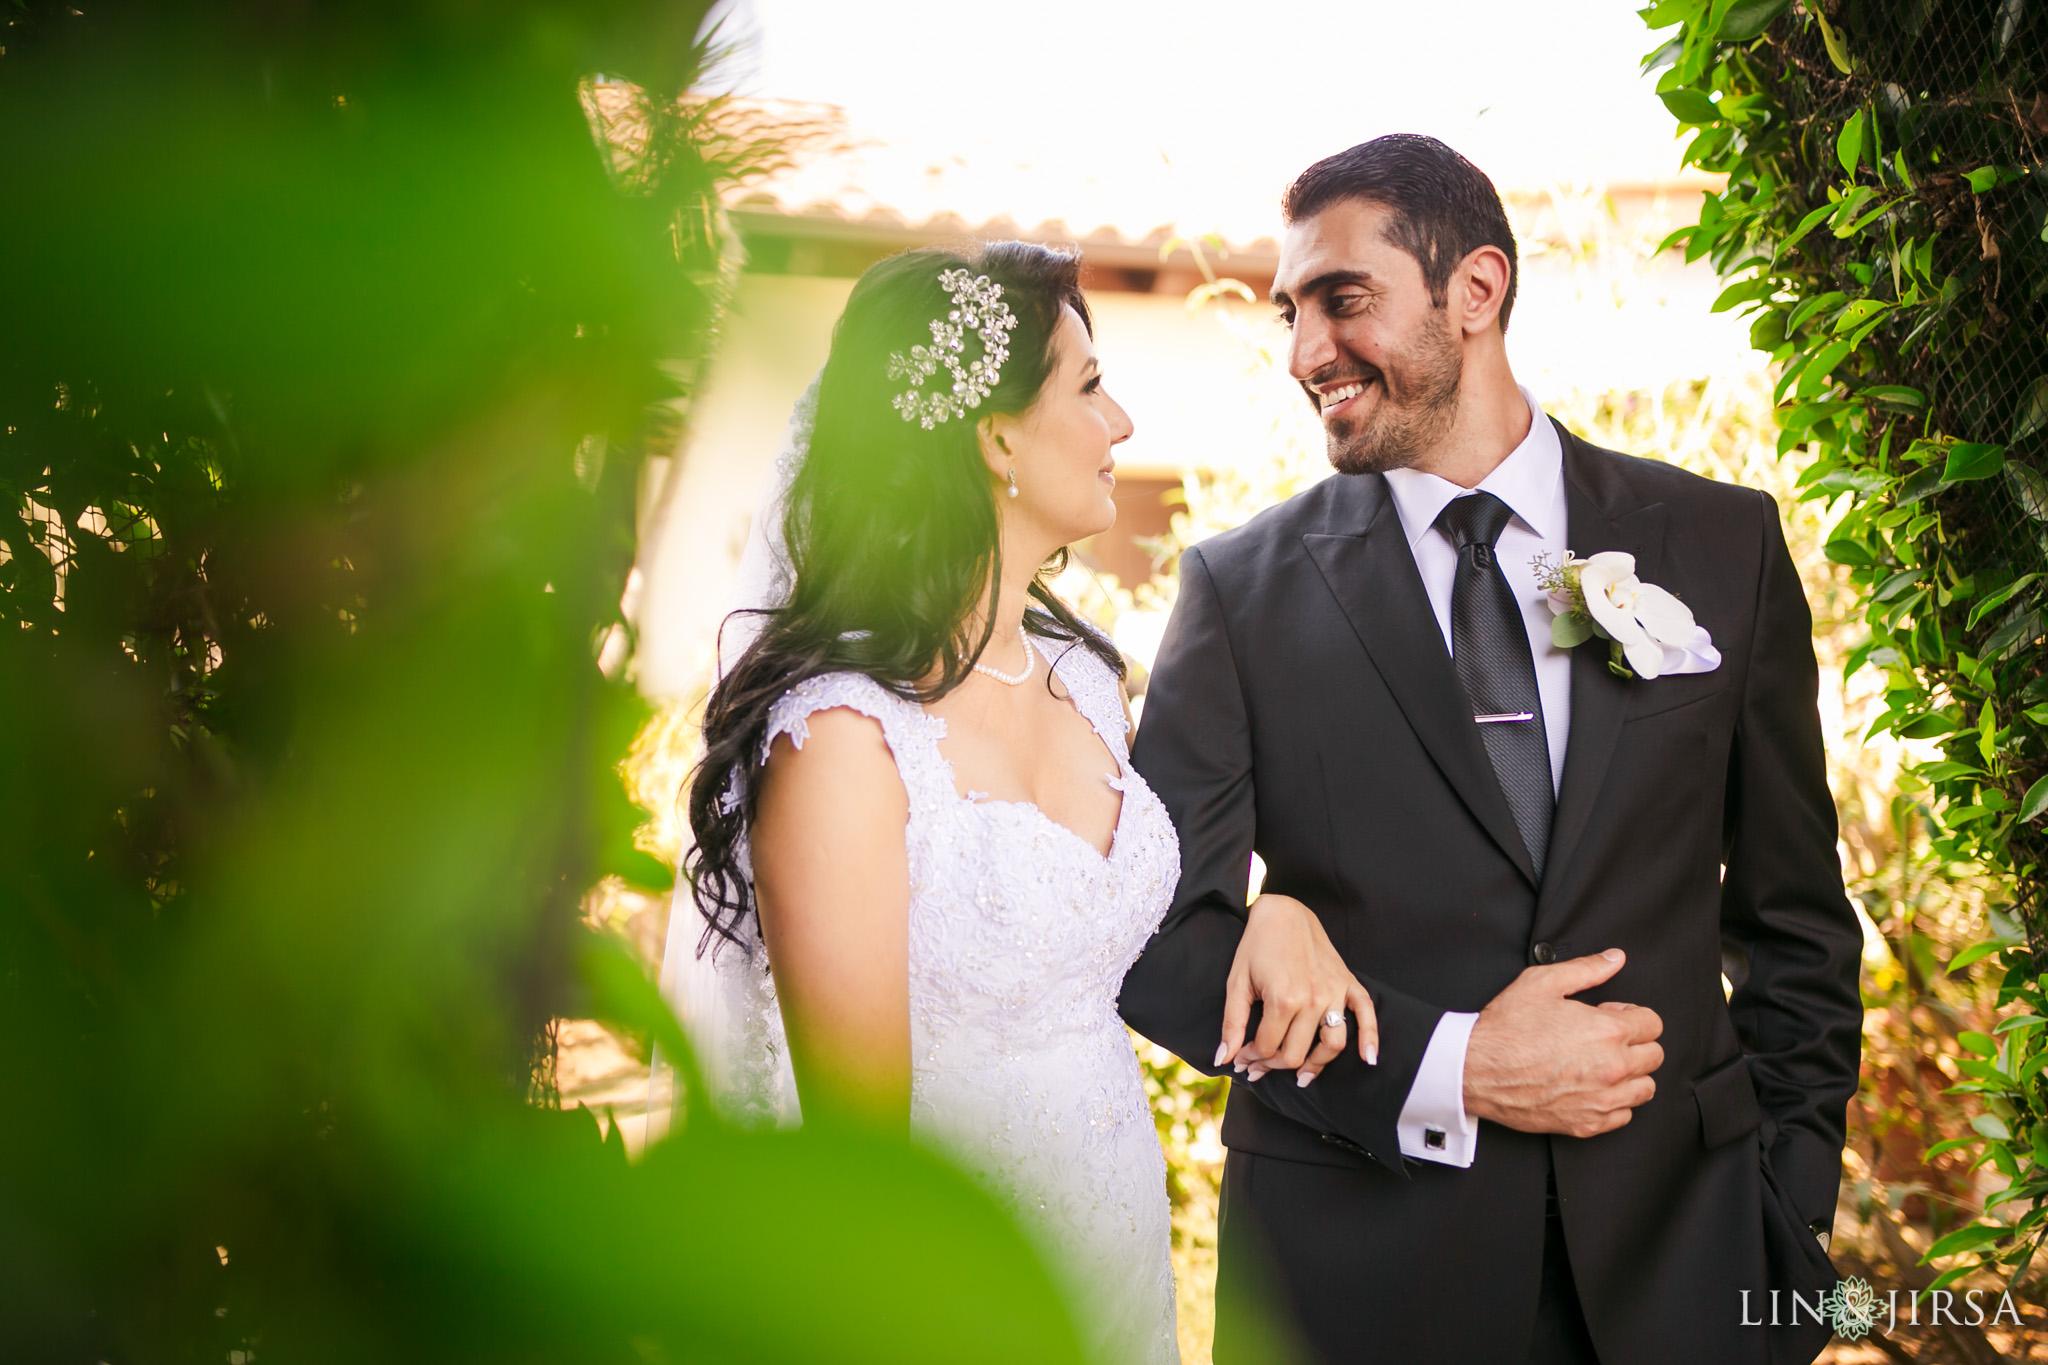 026 estancia la jolla hotel spa persian wedding photography